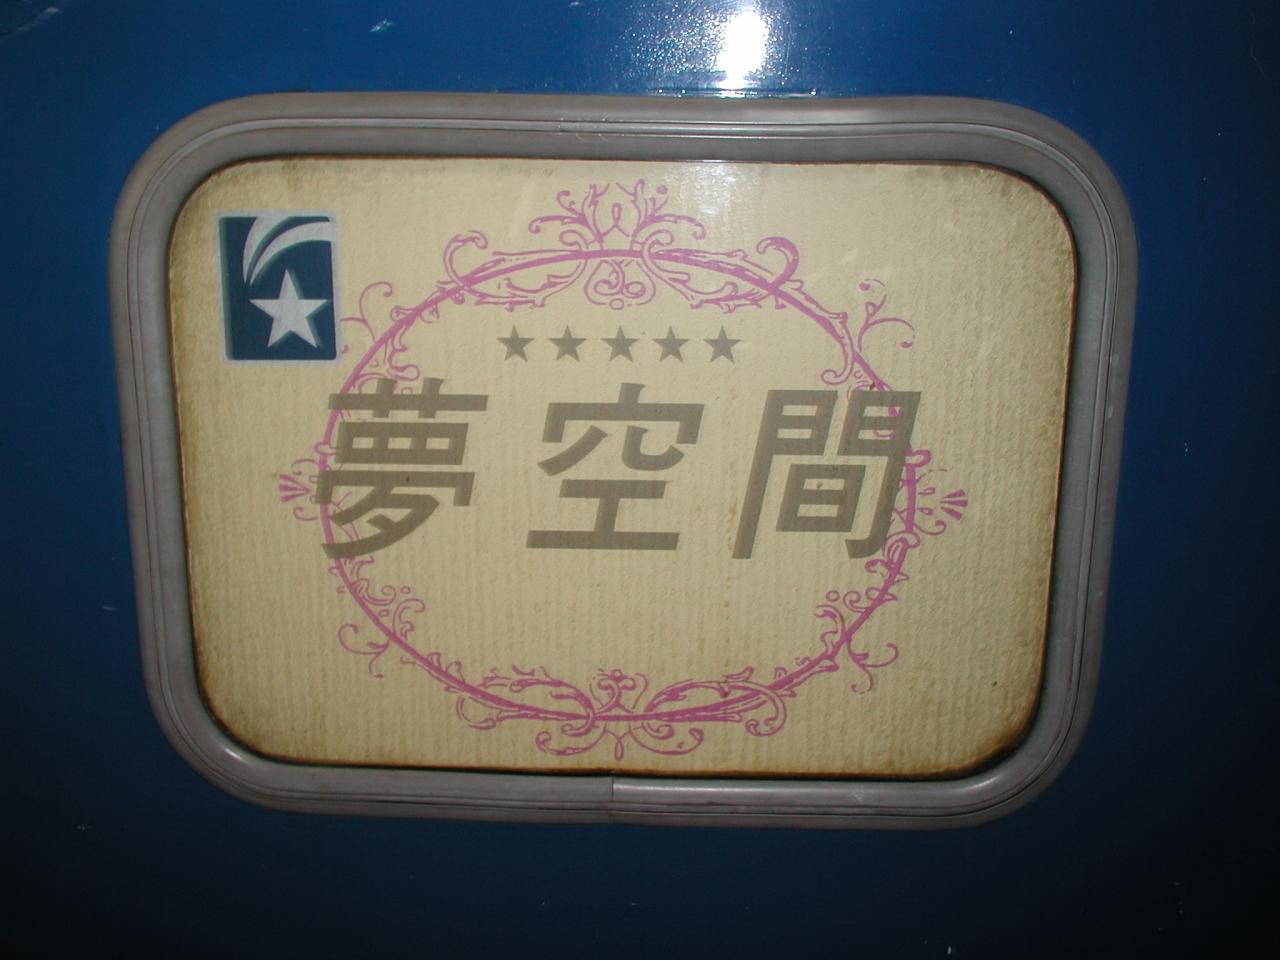 寝台特急「東京夢物語」号(夢空間)での首都圏への旅